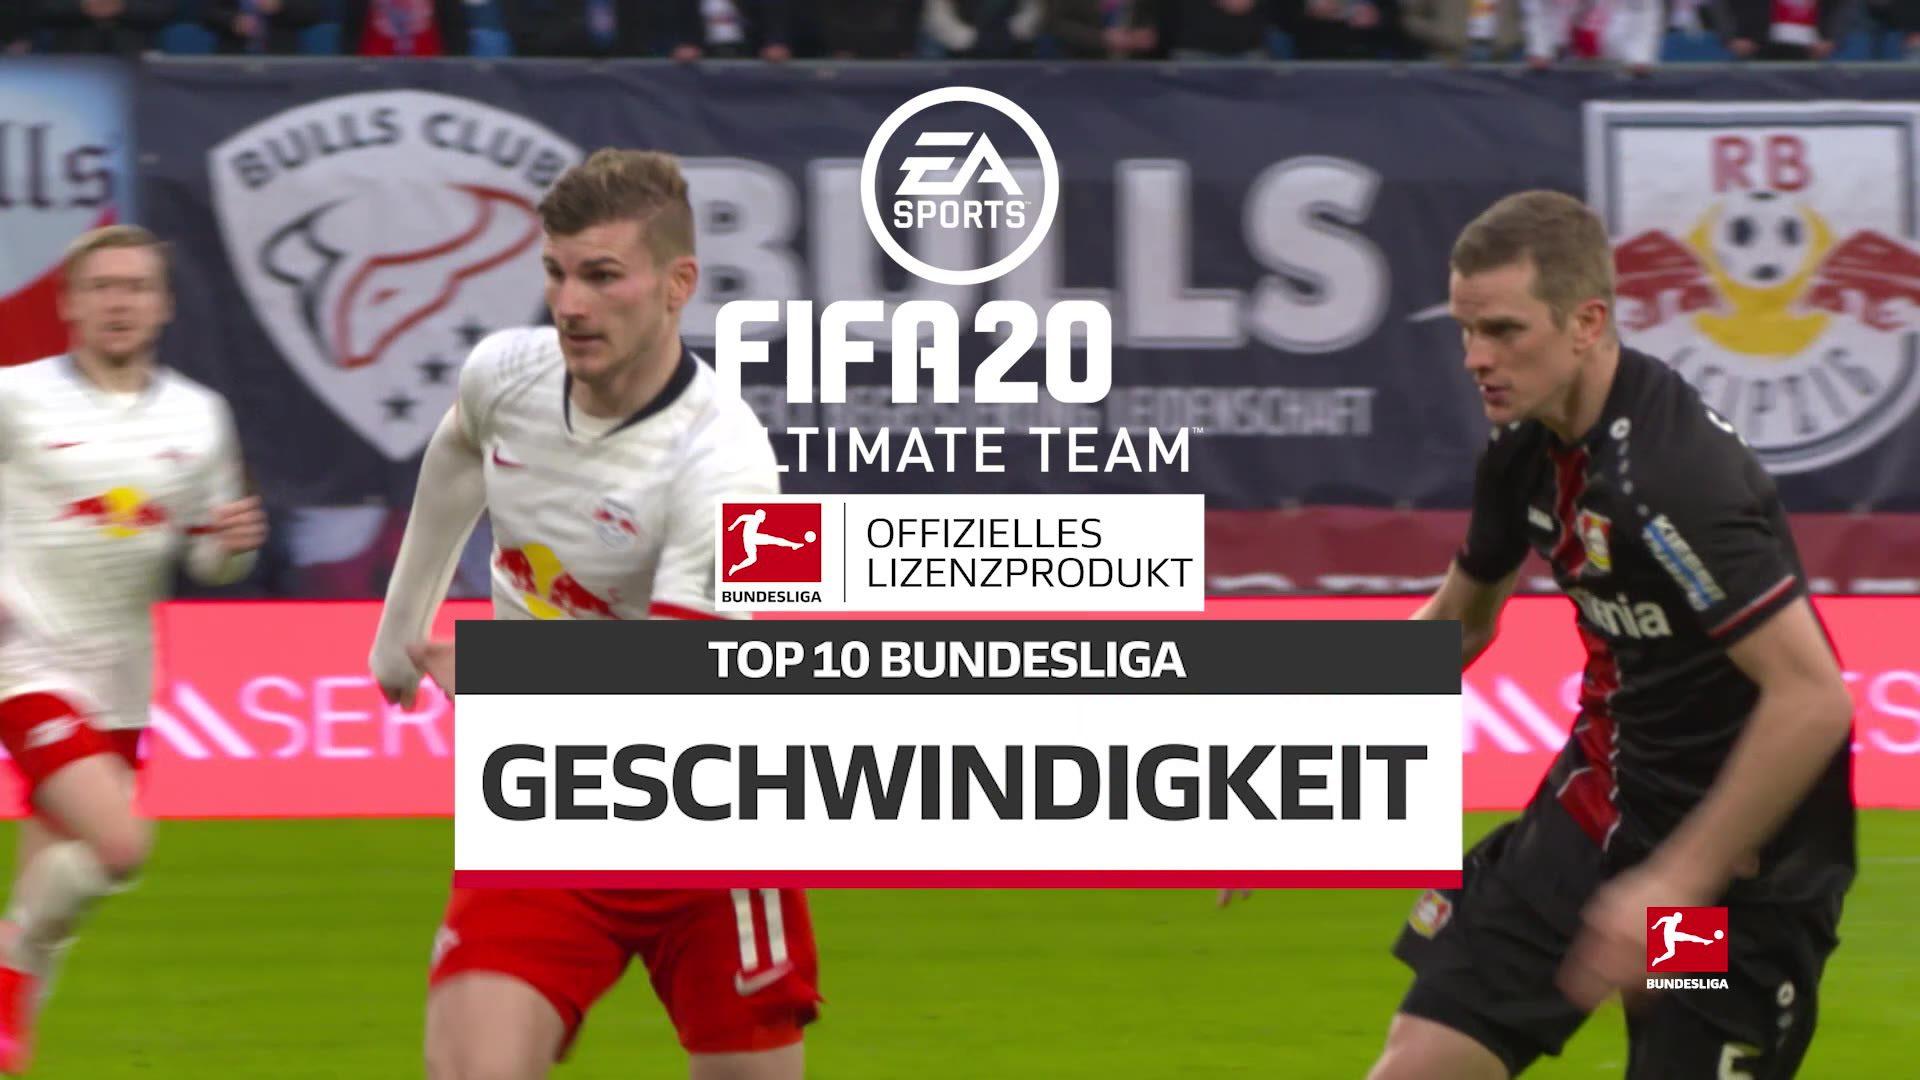 FIFA 20 Ultimate Team: Die 10 schnellsten Spieler